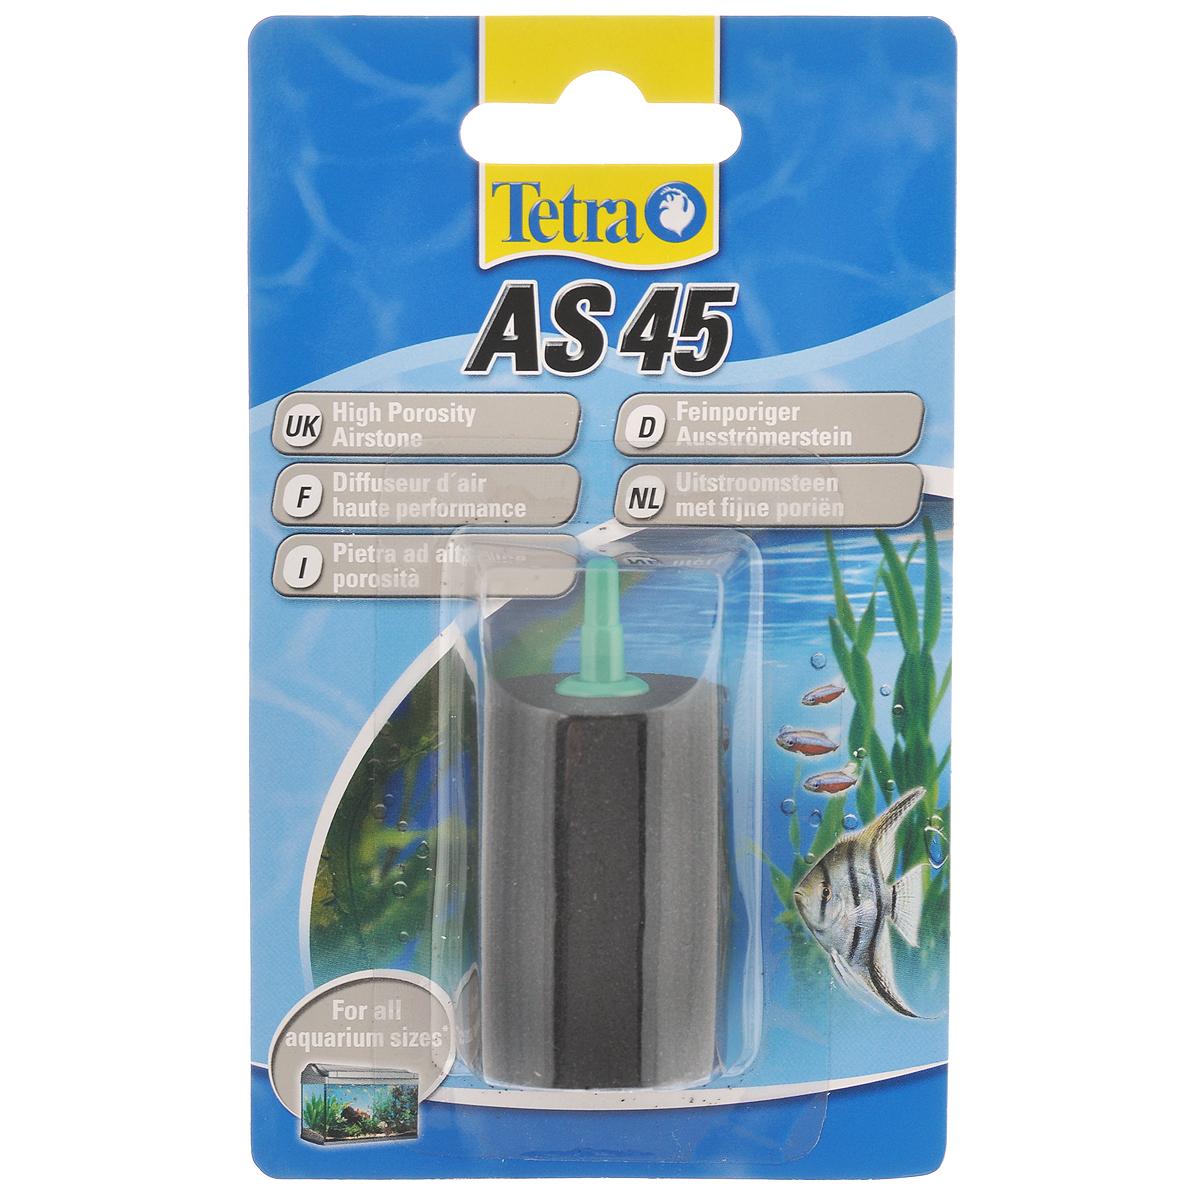 Воздушный распылитель Tetra AS 45603578Воздушный распылитель Tetra AS 45 - это мелкопористый распылитель для оптимального обеспечения аквариума кислородом. Сочетается с воздушным компрессором Tetra APS. Равномерное распределение кислорода в воде в виде мелких пузырьков; позволяет обеспечить полное использование возможностей компрессора; высокое качество изготовления обеспечивает долгую эксплуатацию; идеально подходит к воздушному компрессору Tetra APS.